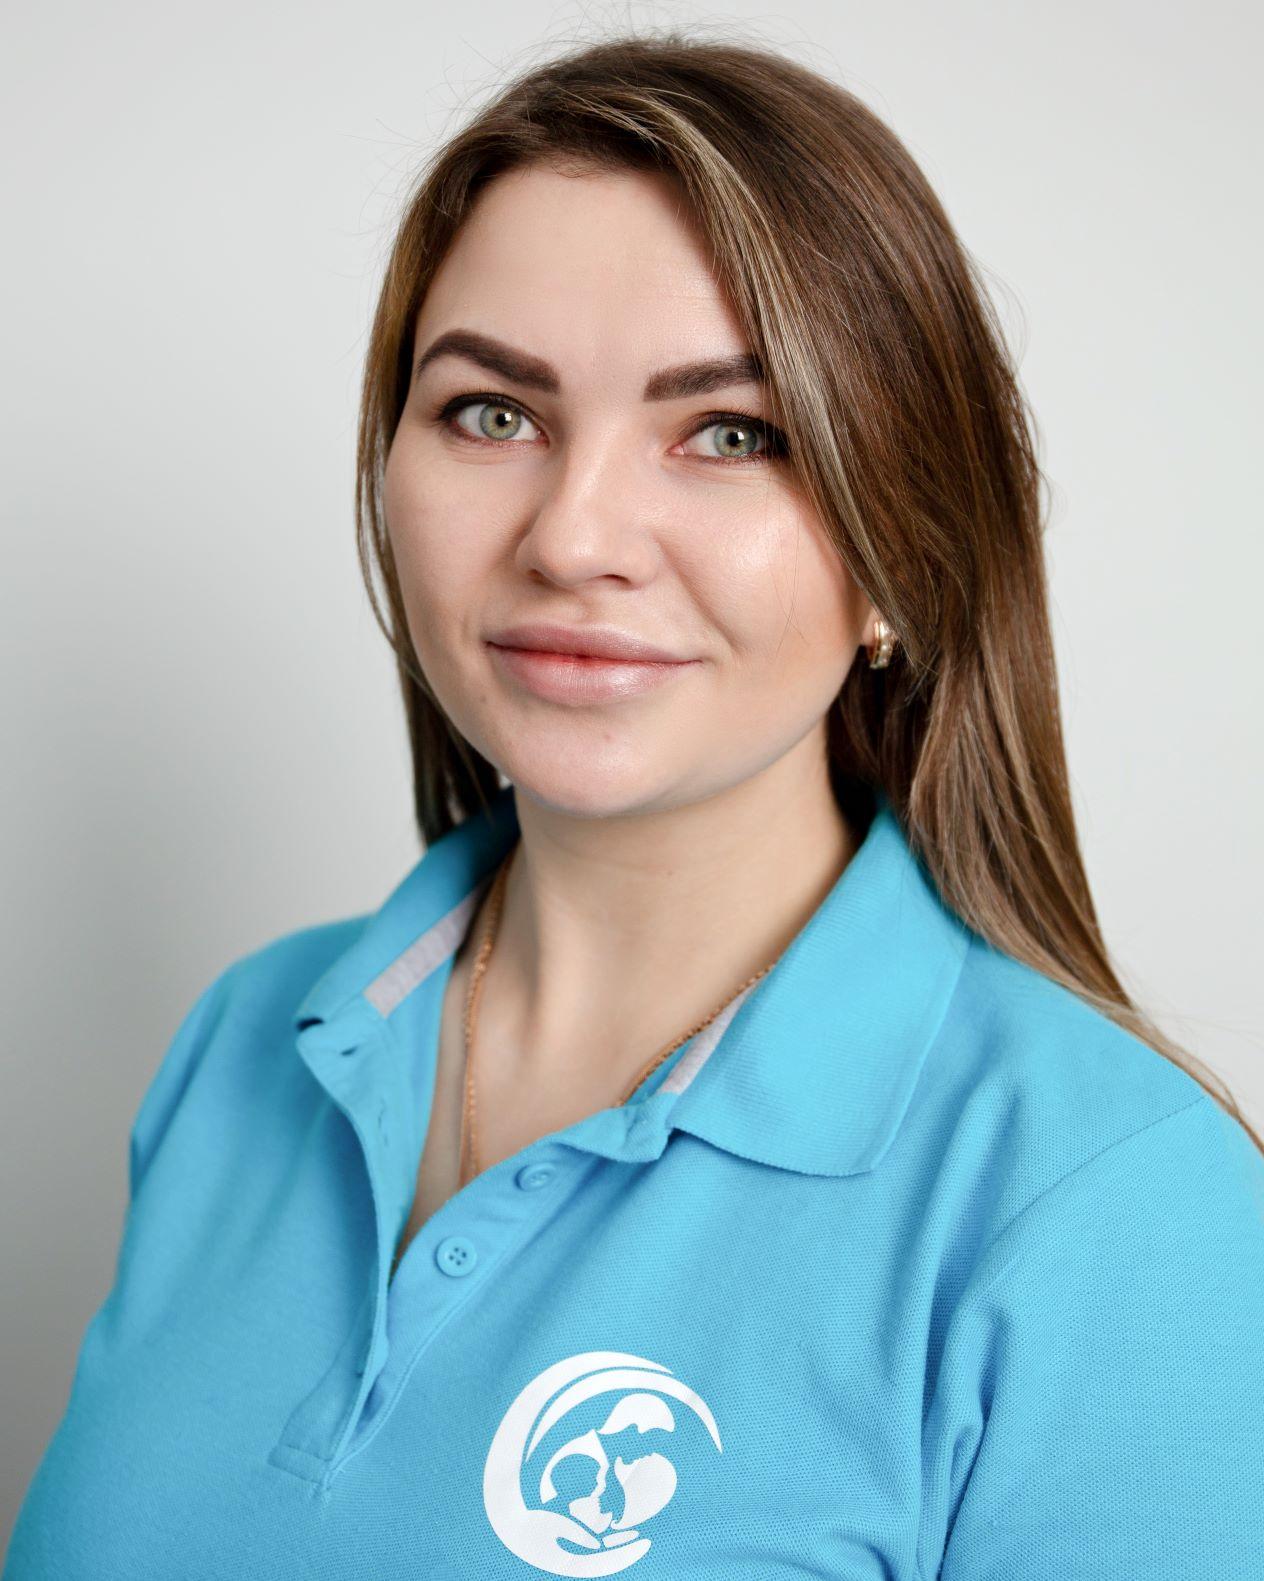 Валова Елена Михайловна